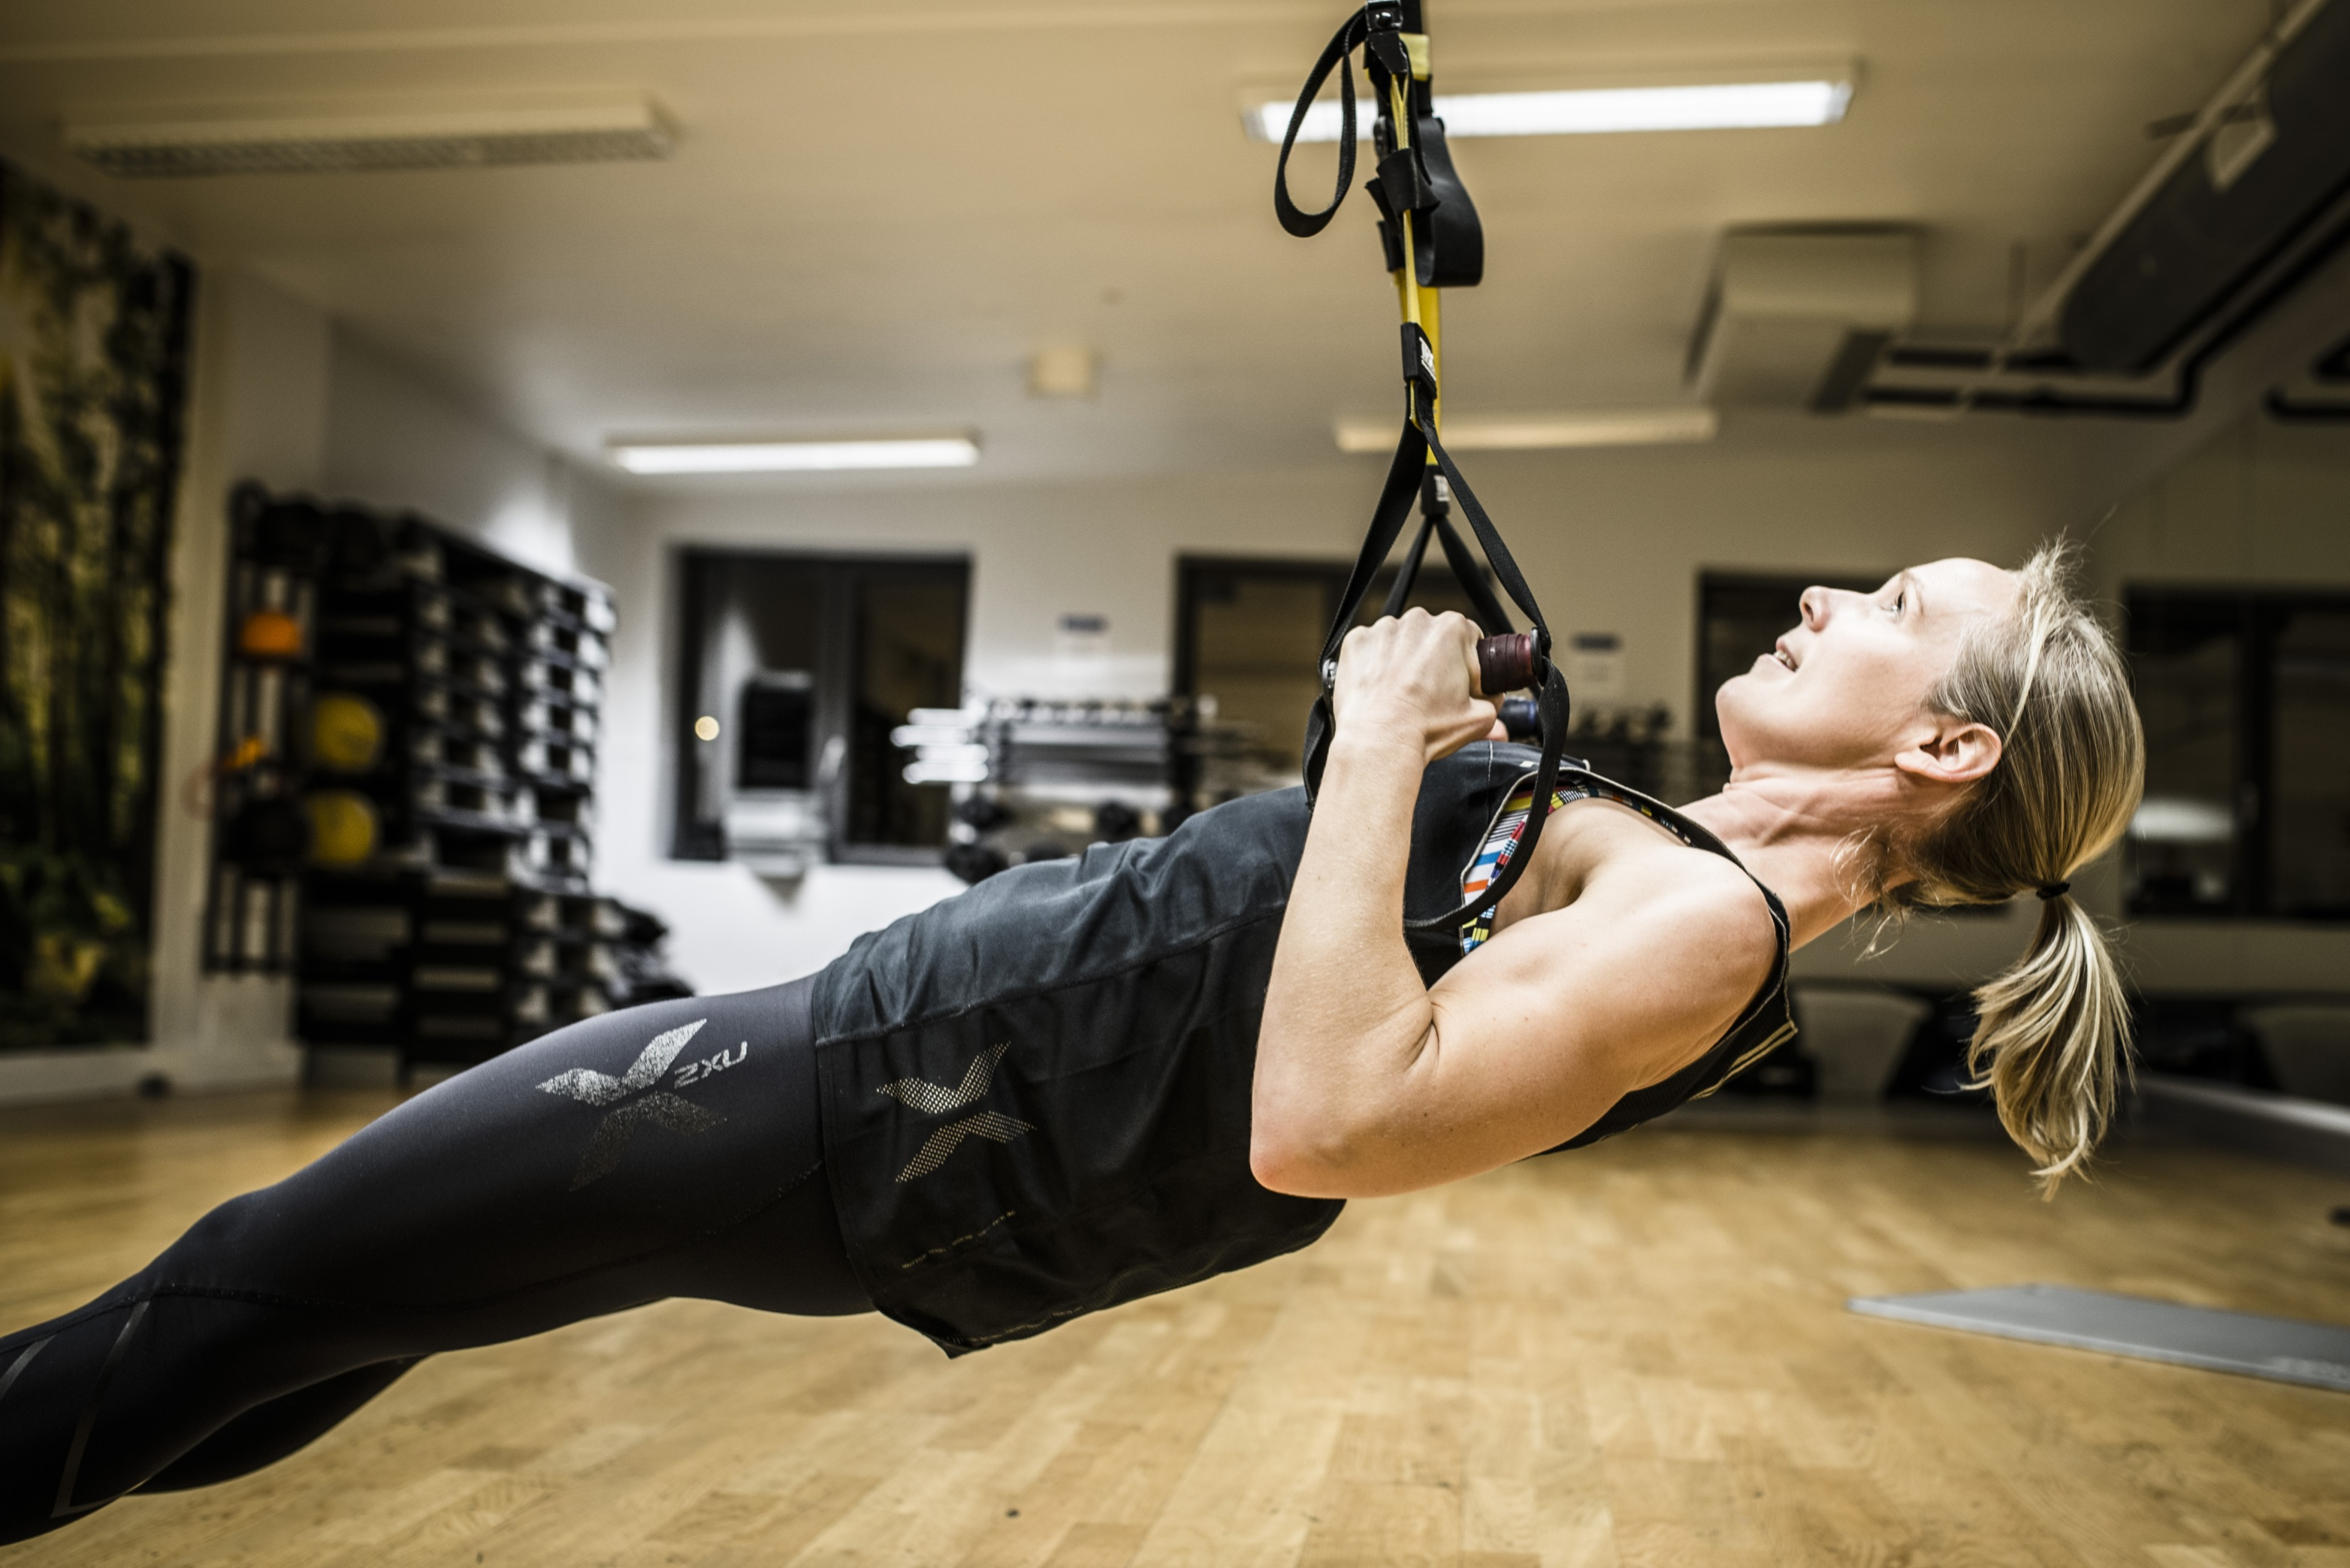 trening styrketrening hvordan trene med slynge